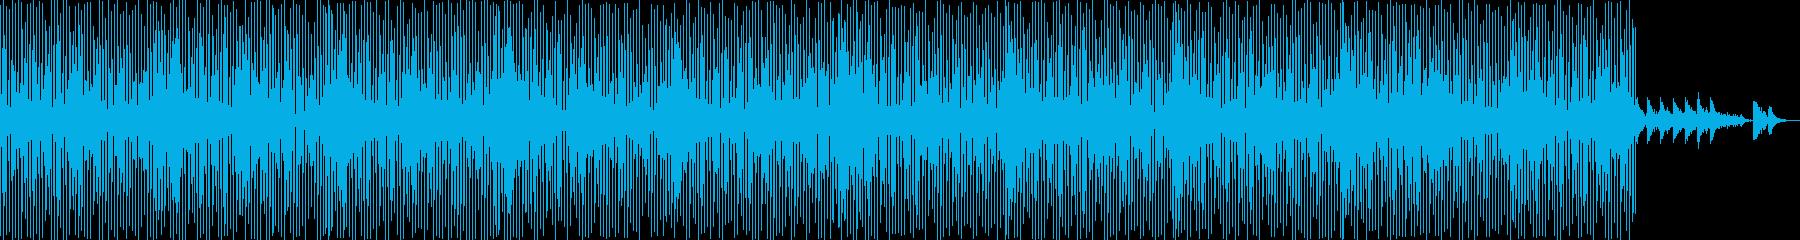 アコースティックギターを中心にしたアン…の再生済みの波形